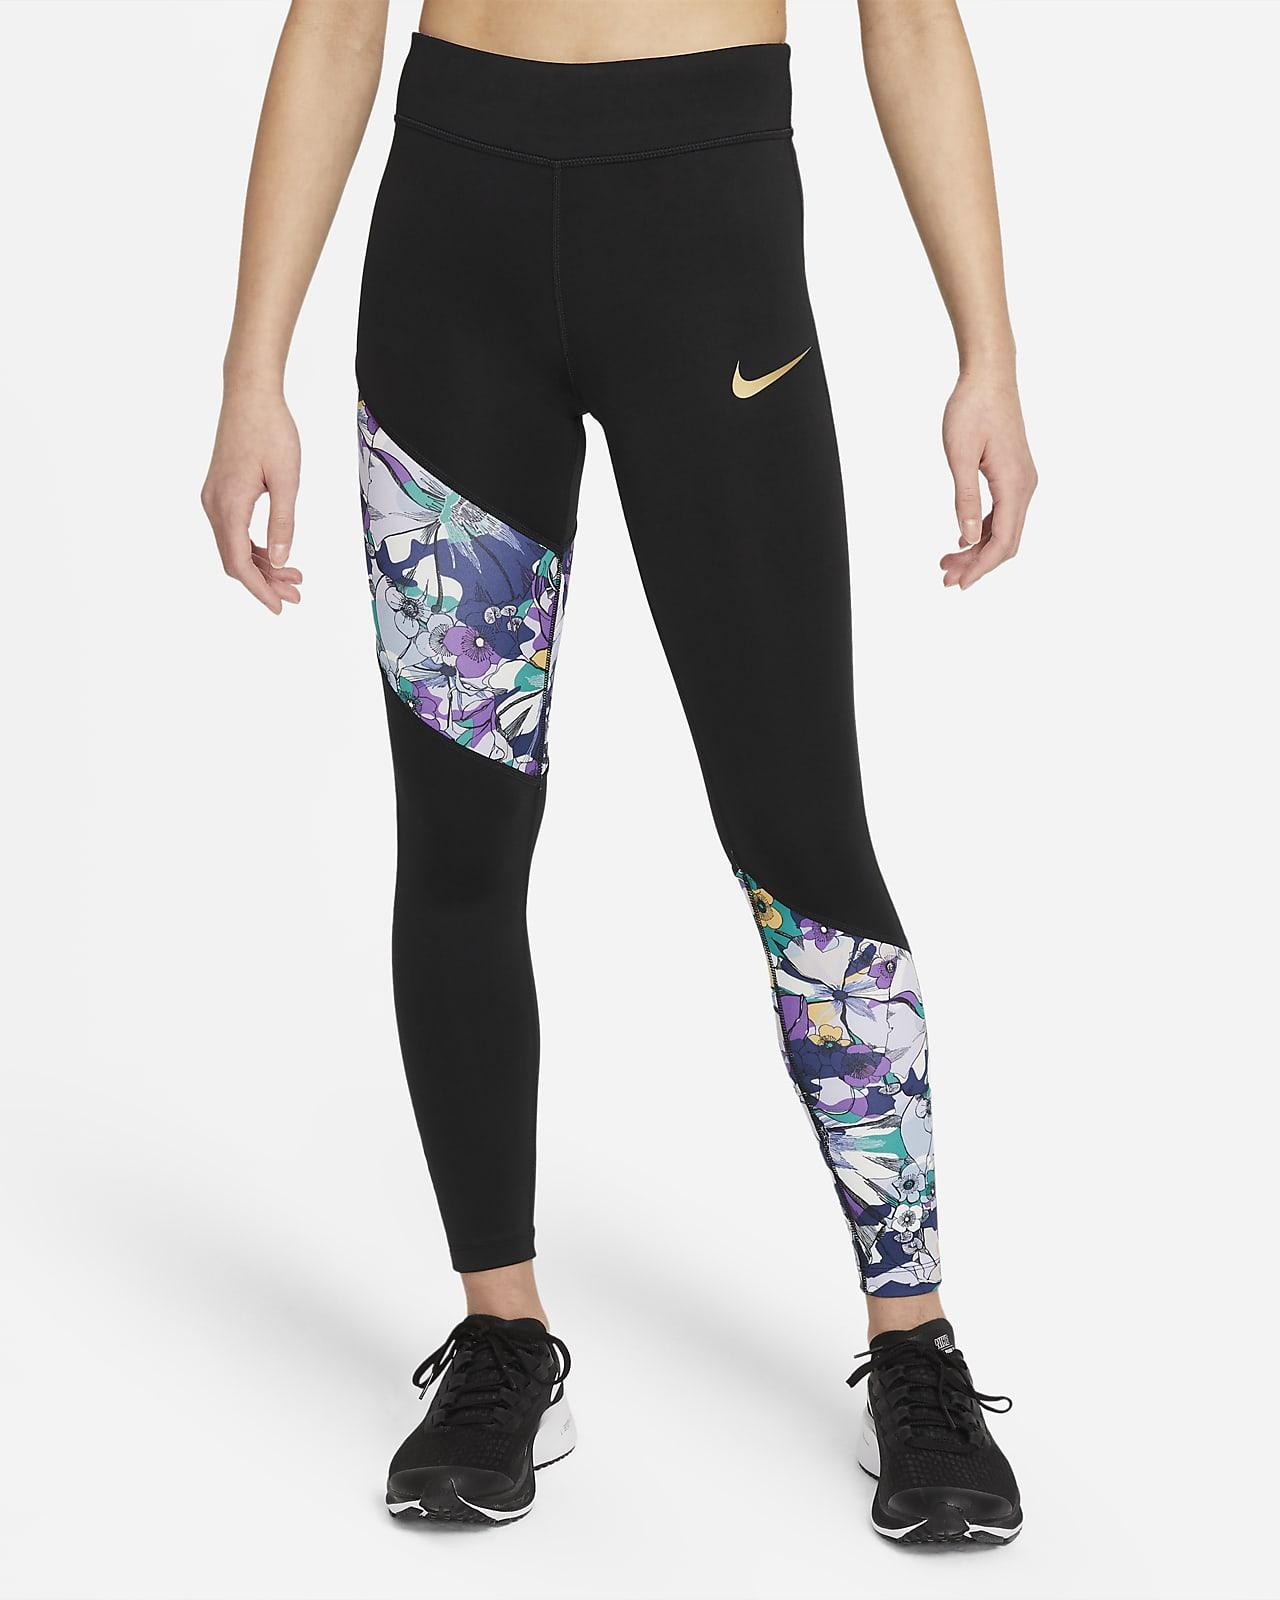 Nike Dri-FIT One Genç Çocuk (Kız) Taytı